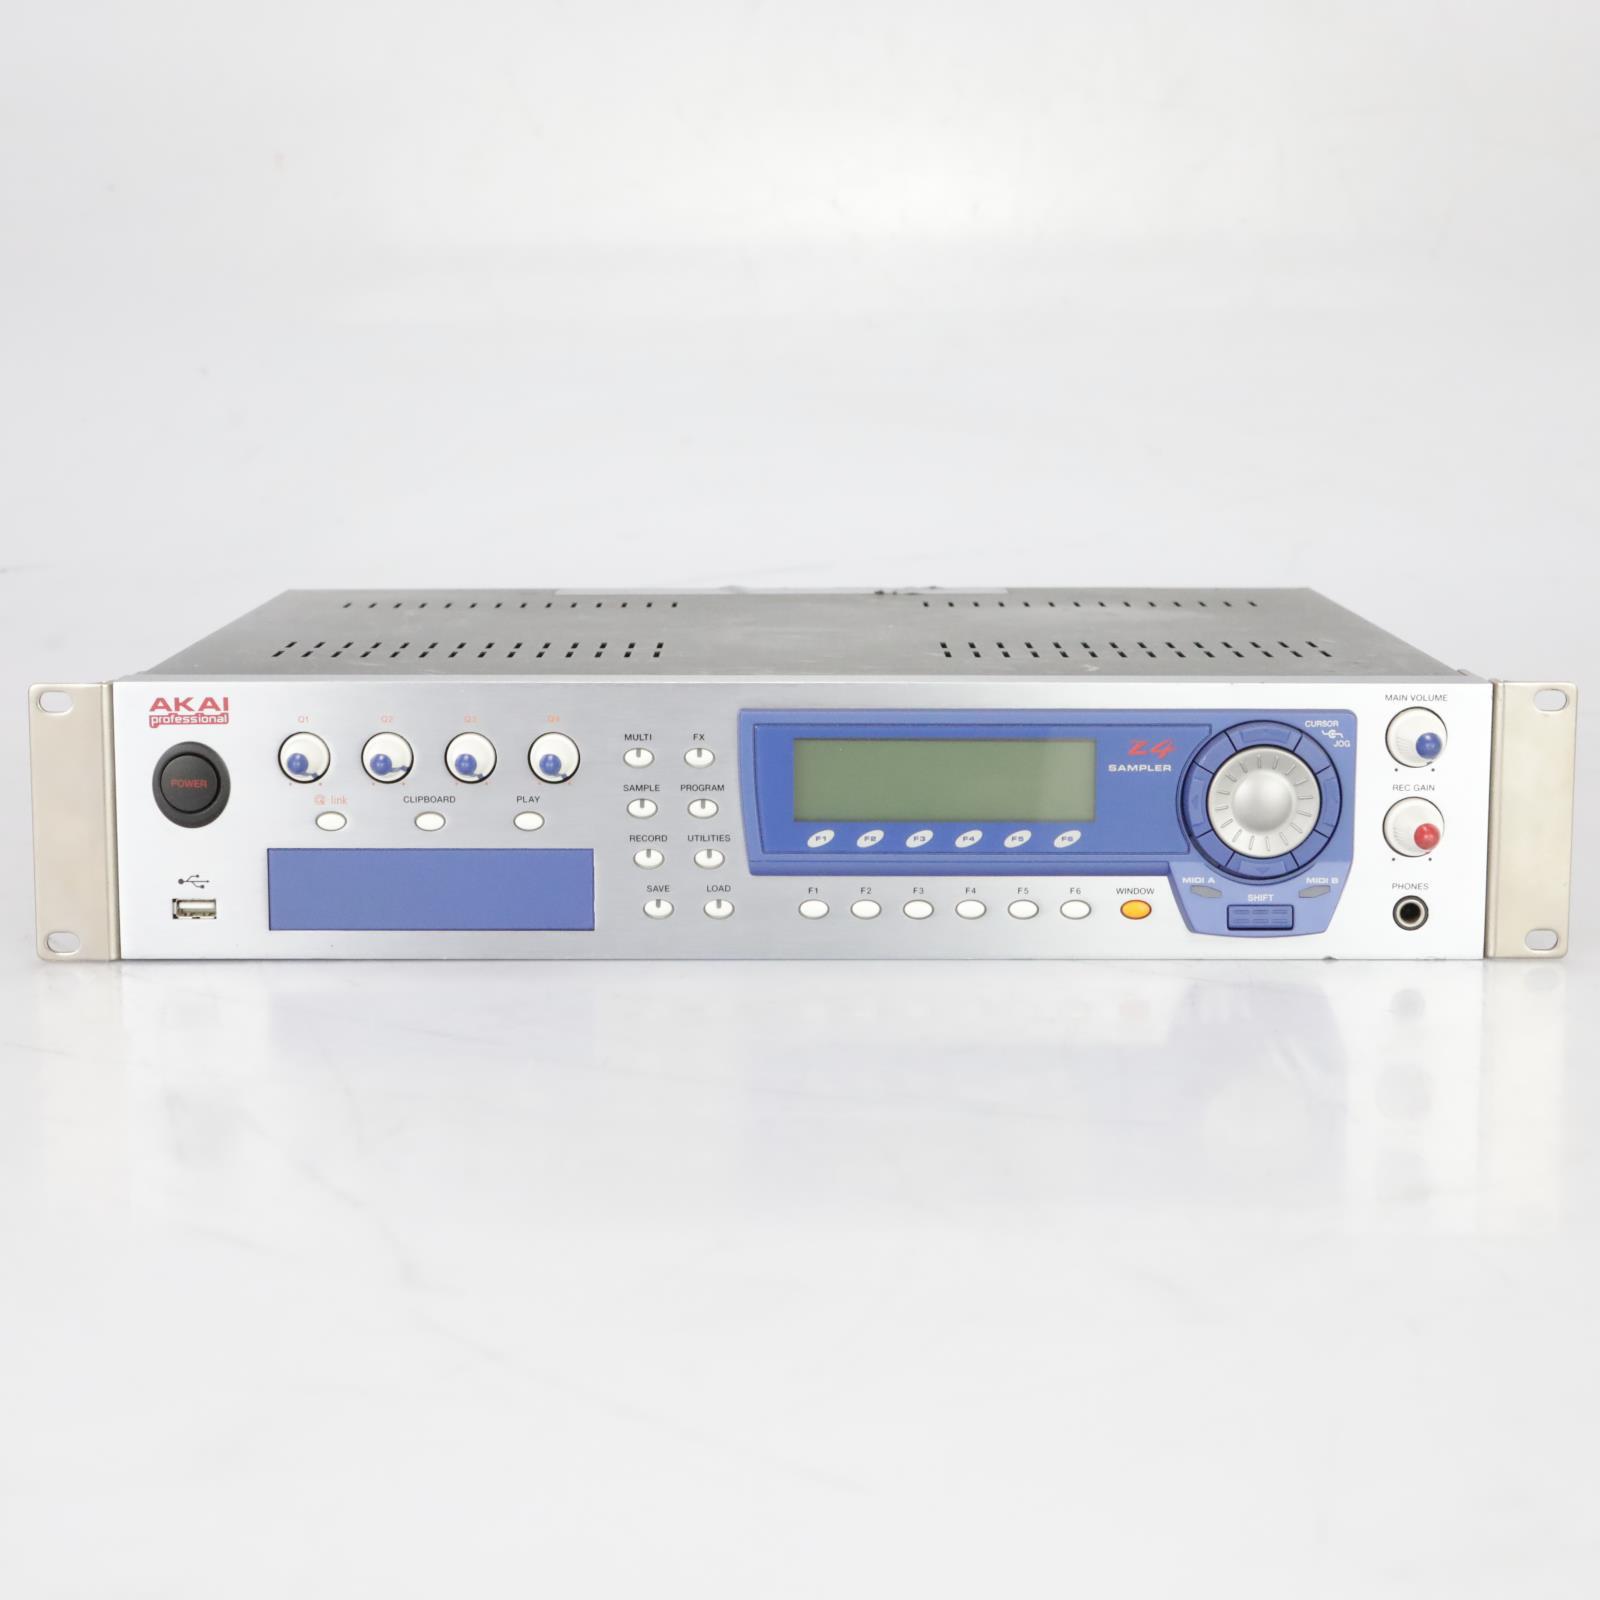 Akai Z4 Sampler 64-Voice USB 24-Bit/96kHz owned by Weezer #37895